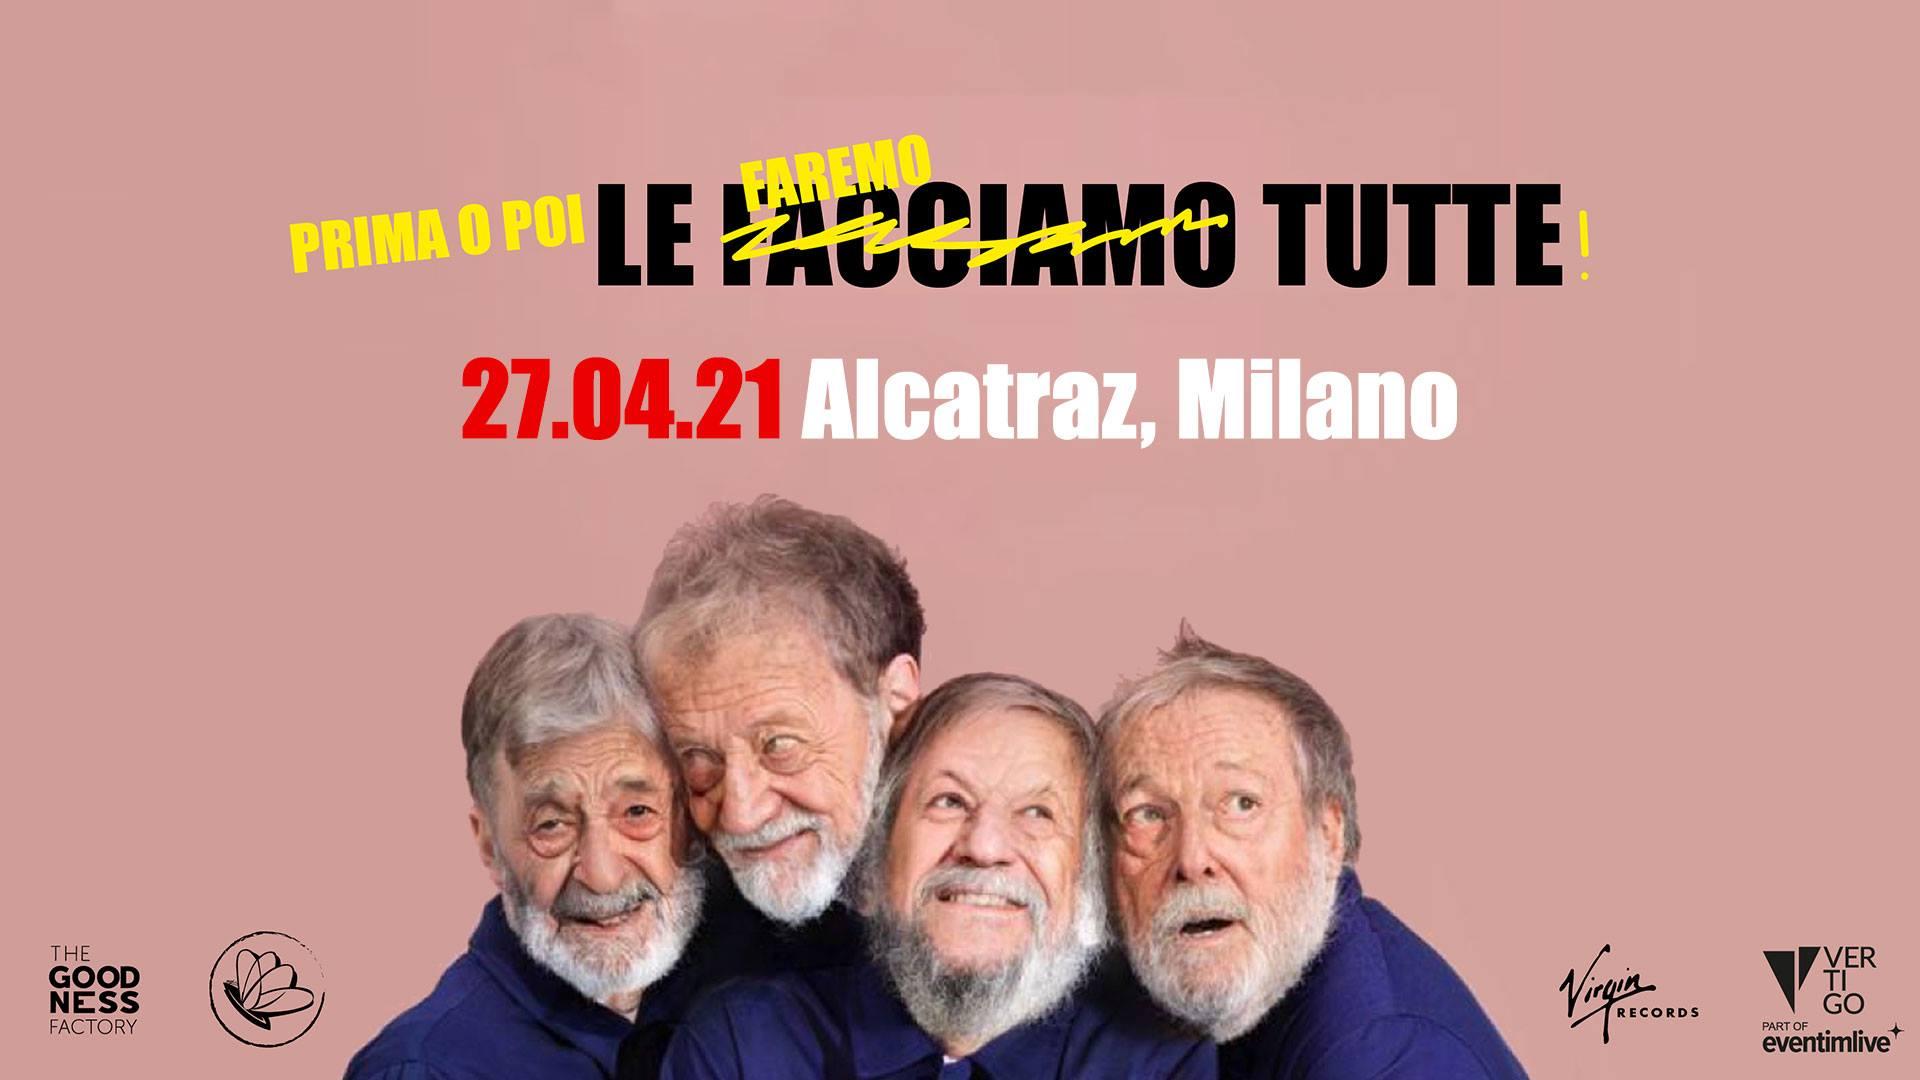 Eugenio In Via Di Gioia, Alcatraz Milano